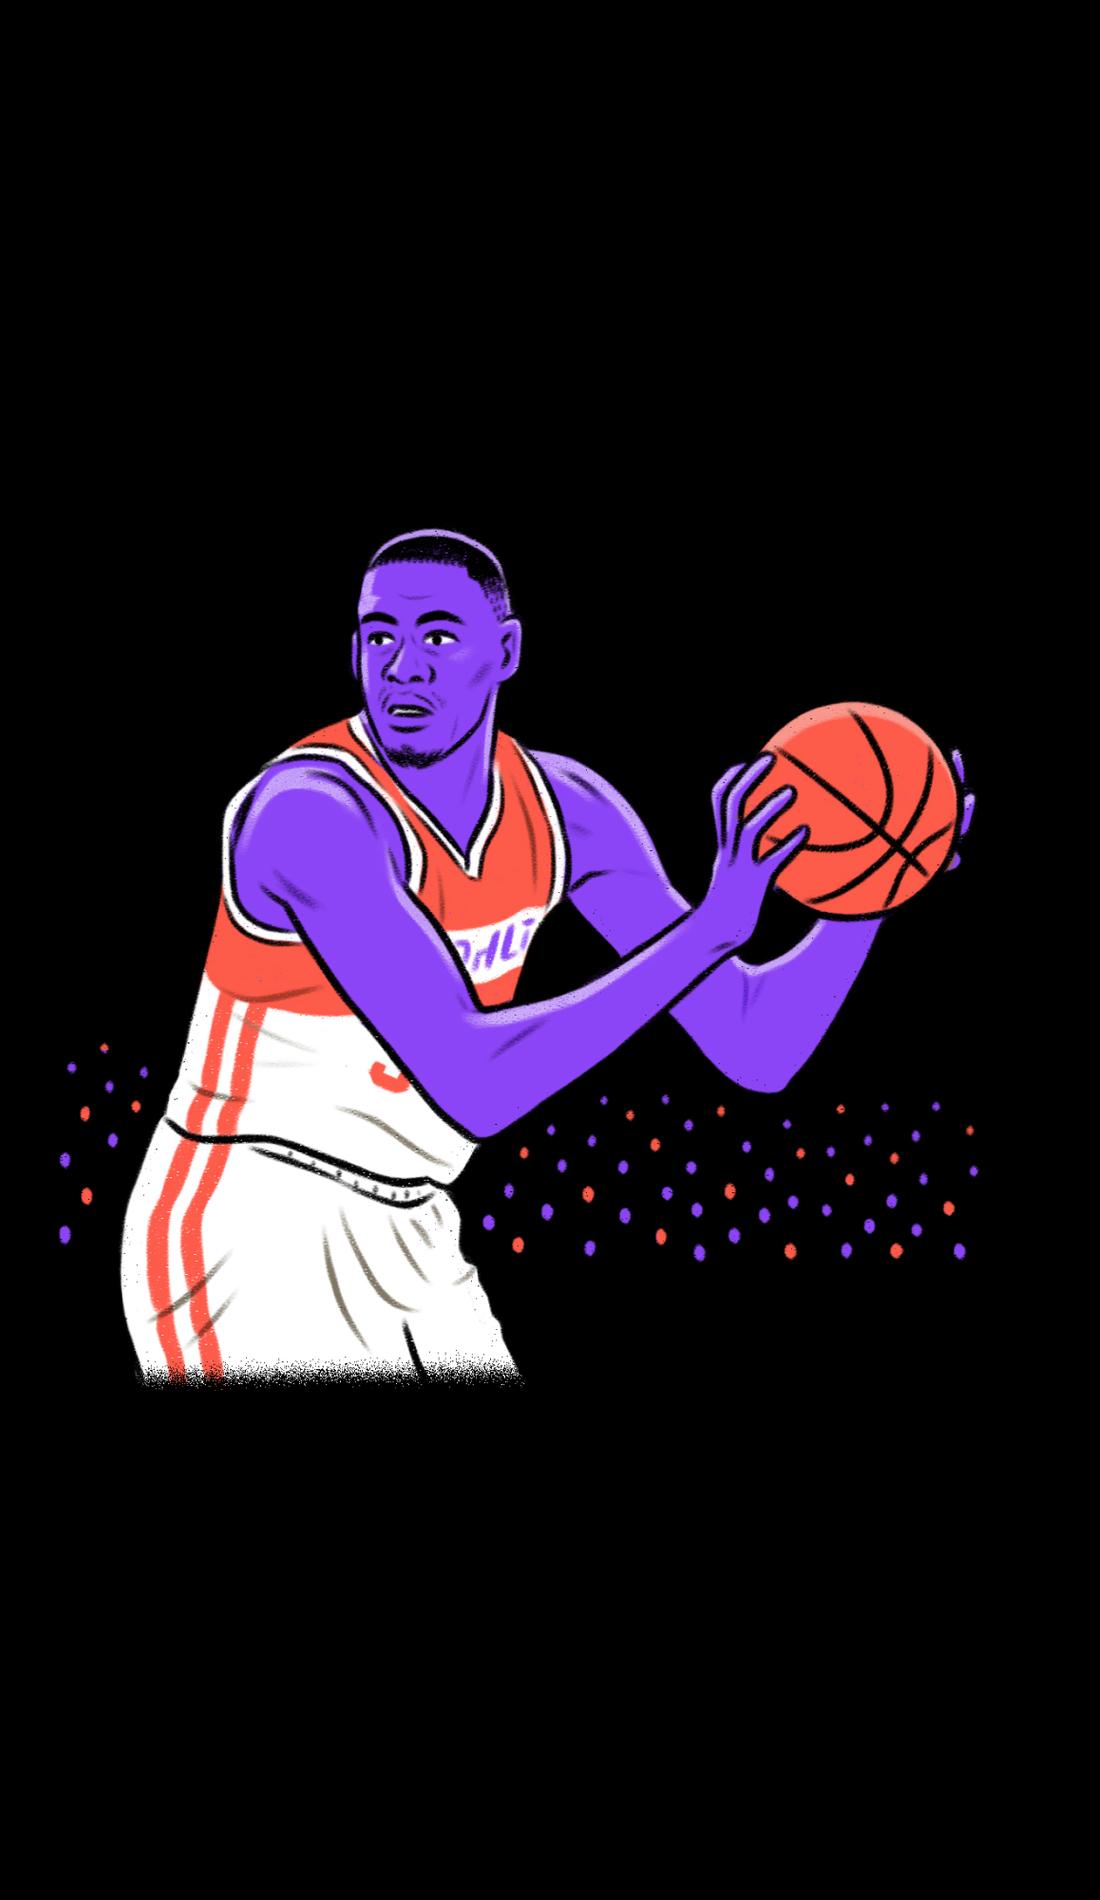 A UTSA Roadrunners Basketball live event